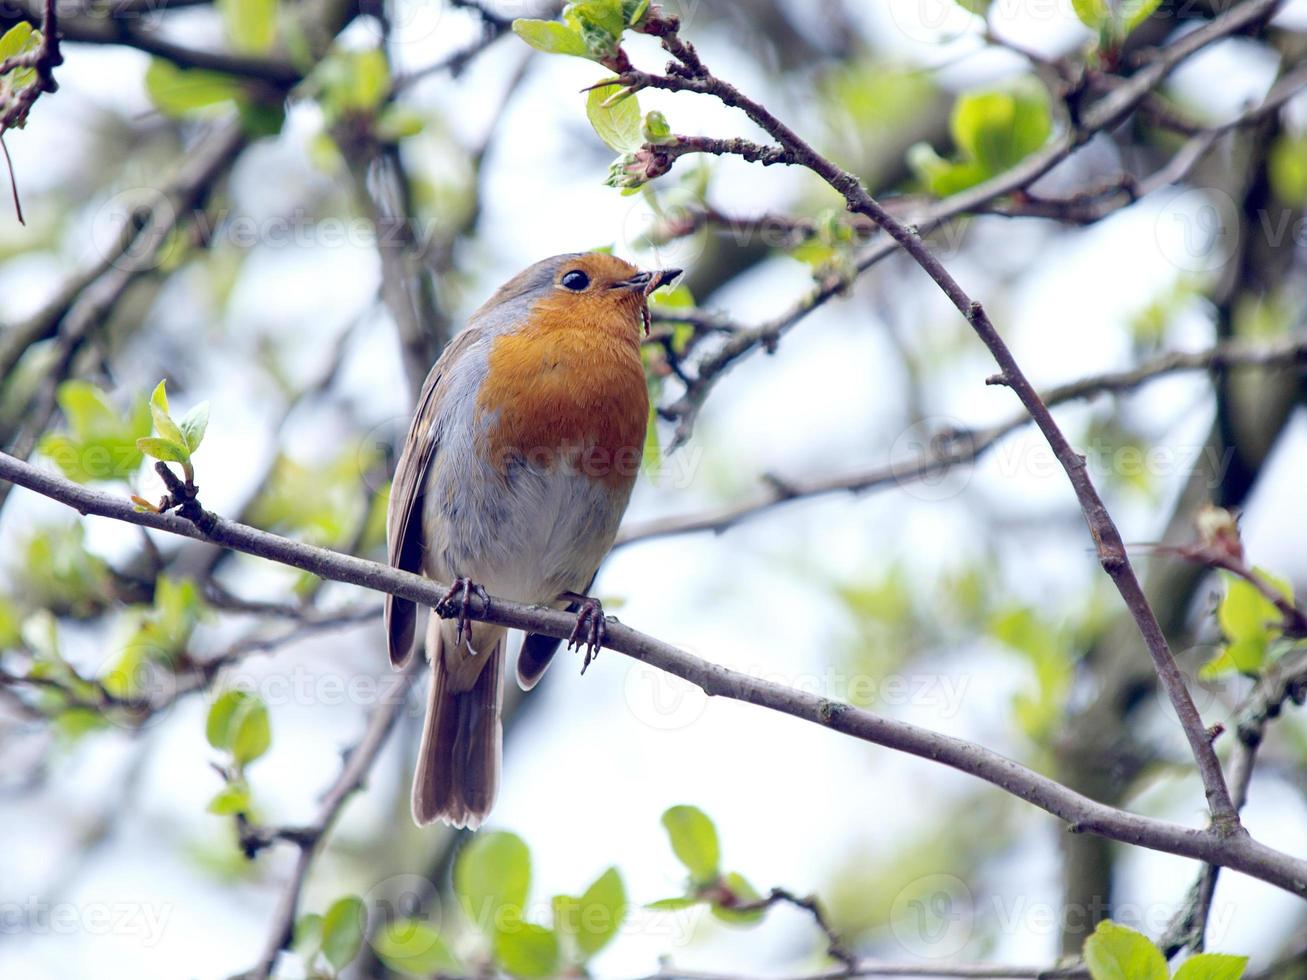 Robin photo